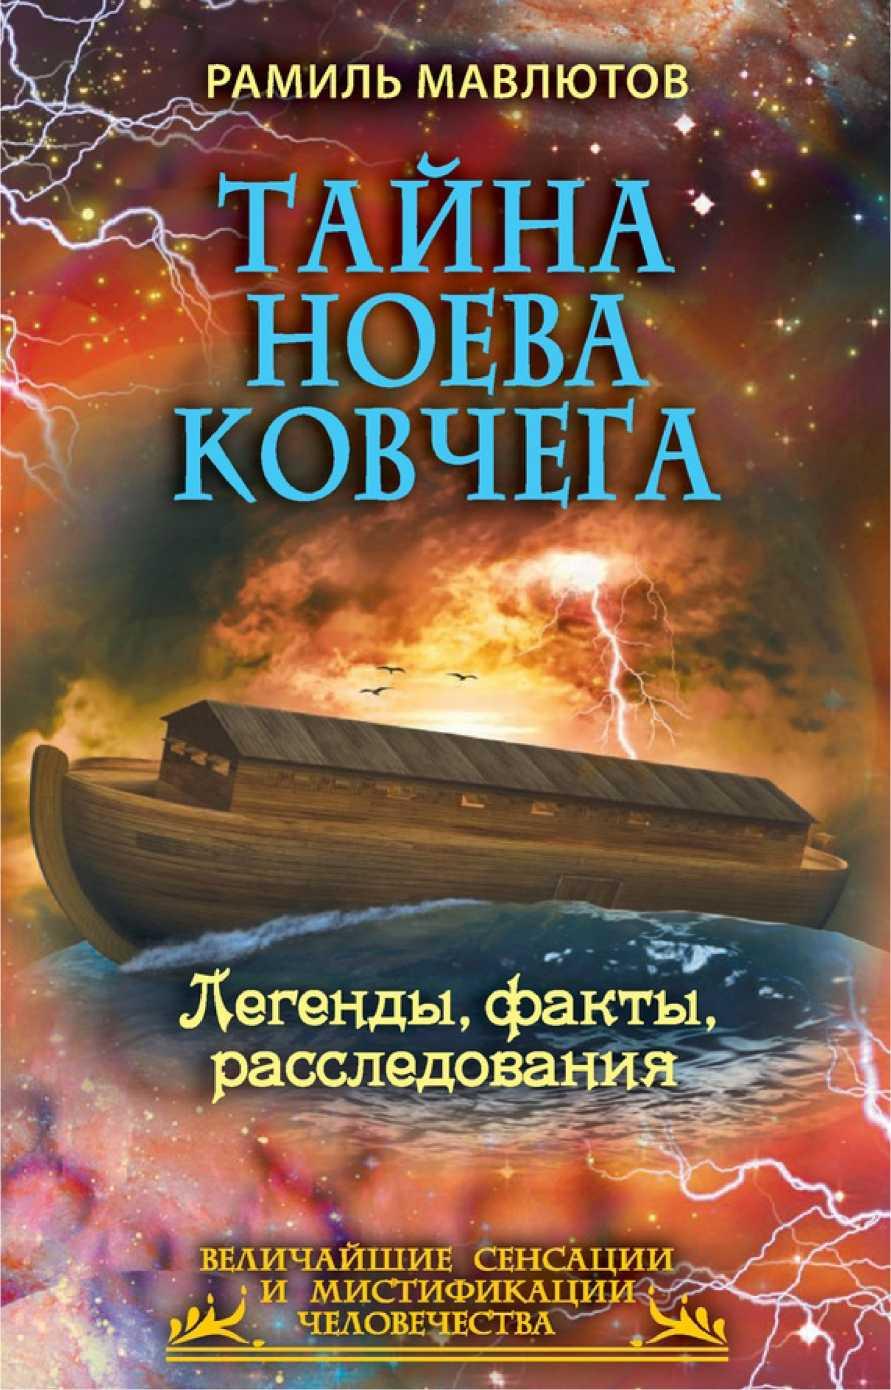 Ноевы дни книга скачать бесплатно